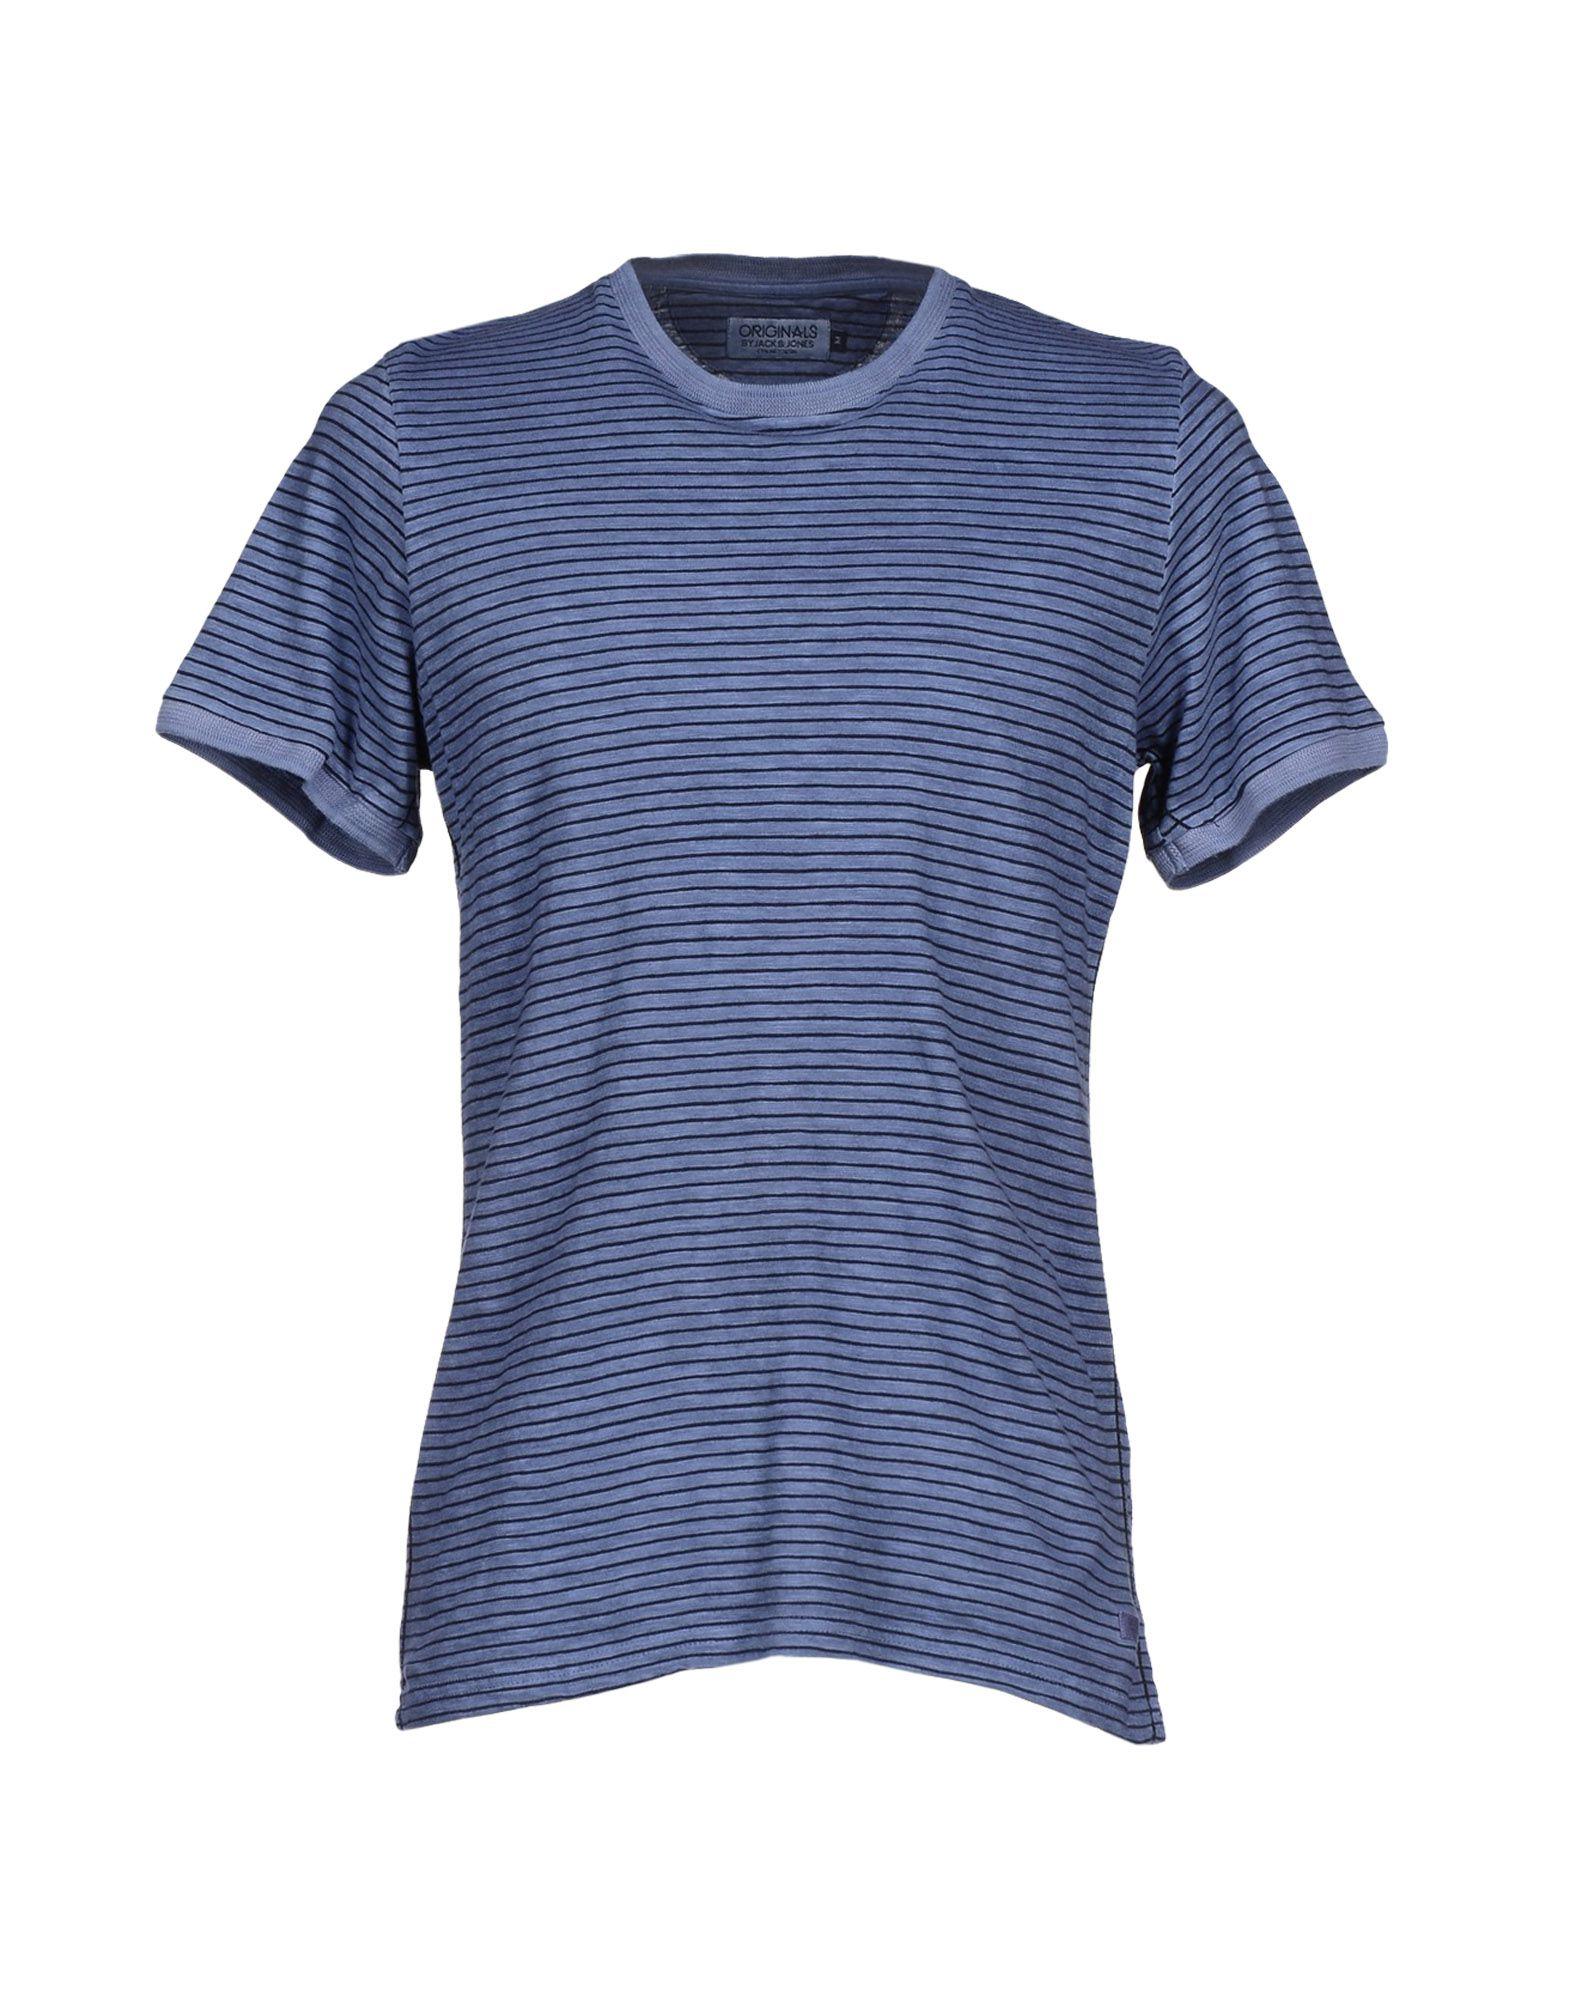 originals by jack jones t shirt in gray for men lyst. Black Bedroom Furniture Sets. Home Design Ideas